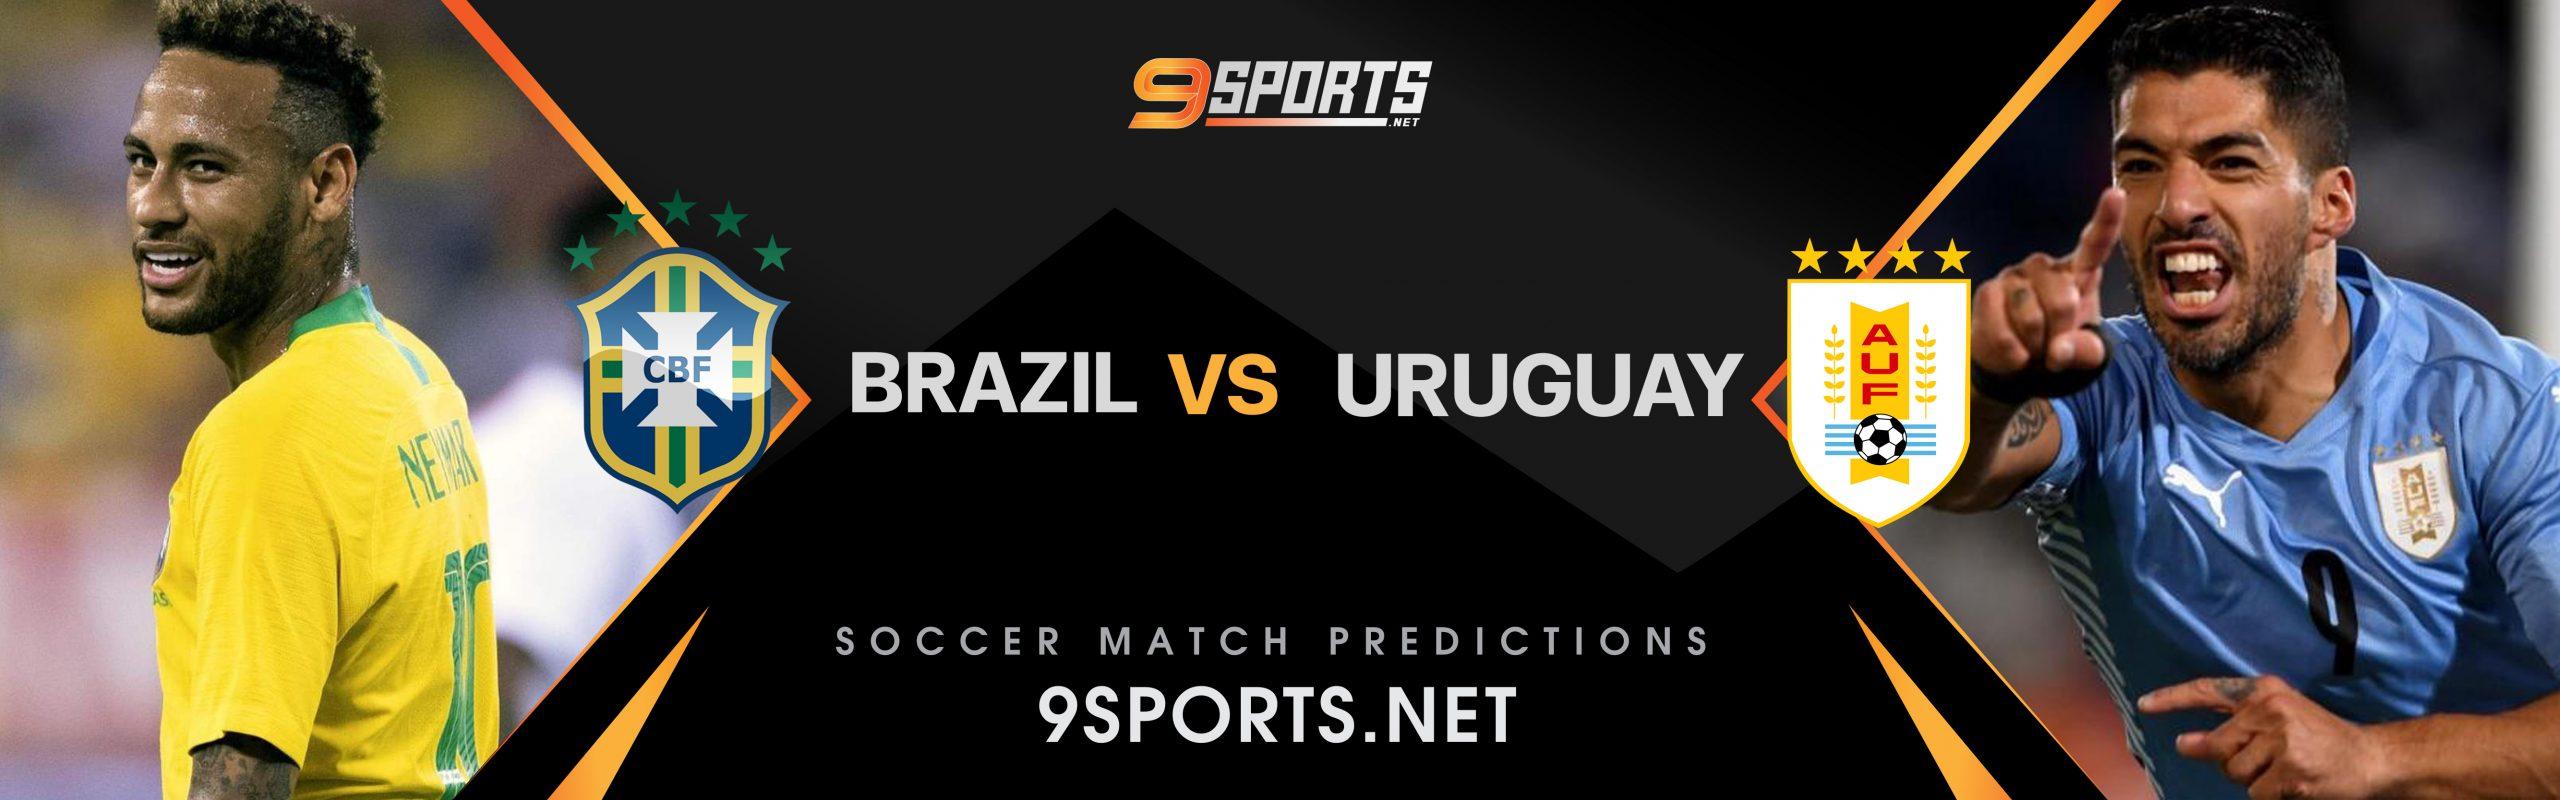 ทีเด็ดวิเคราะห์บอล 9Sports World Cup South America Zone บราซิล VS อุรุกวัย